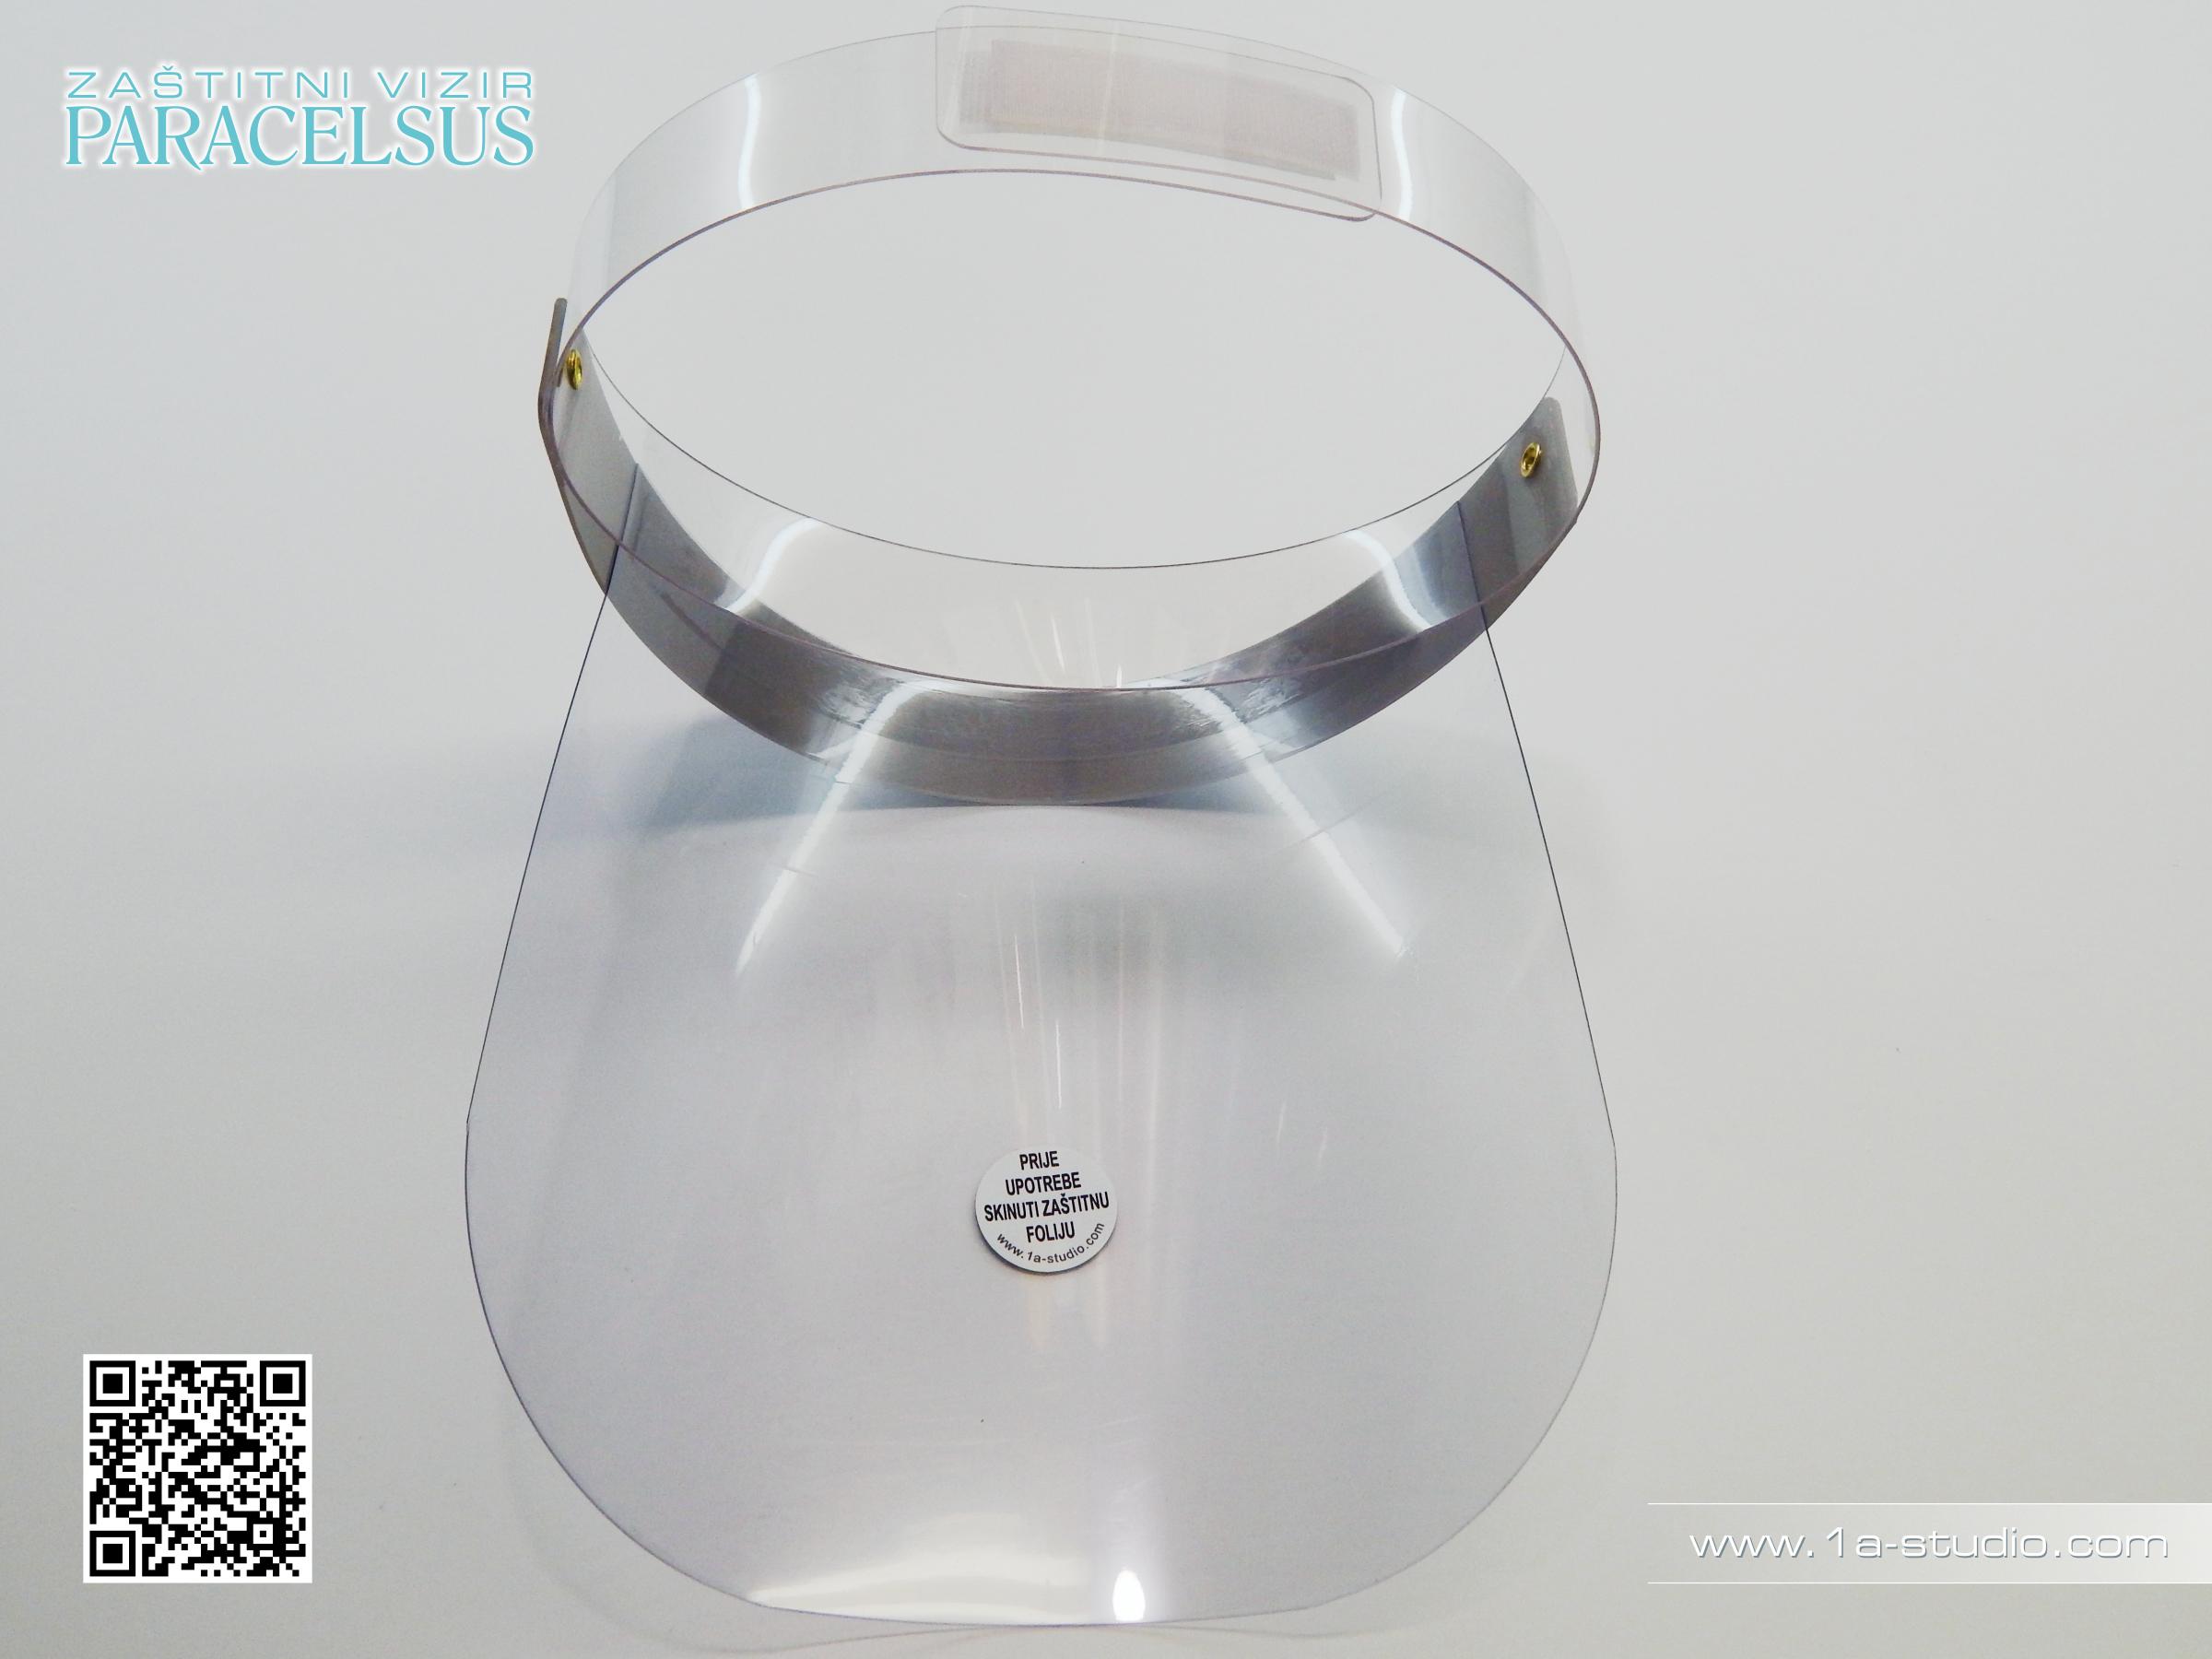 Zaštitni vizir za lice Paracelsus / Dental Face Shield Visor Paracelsus